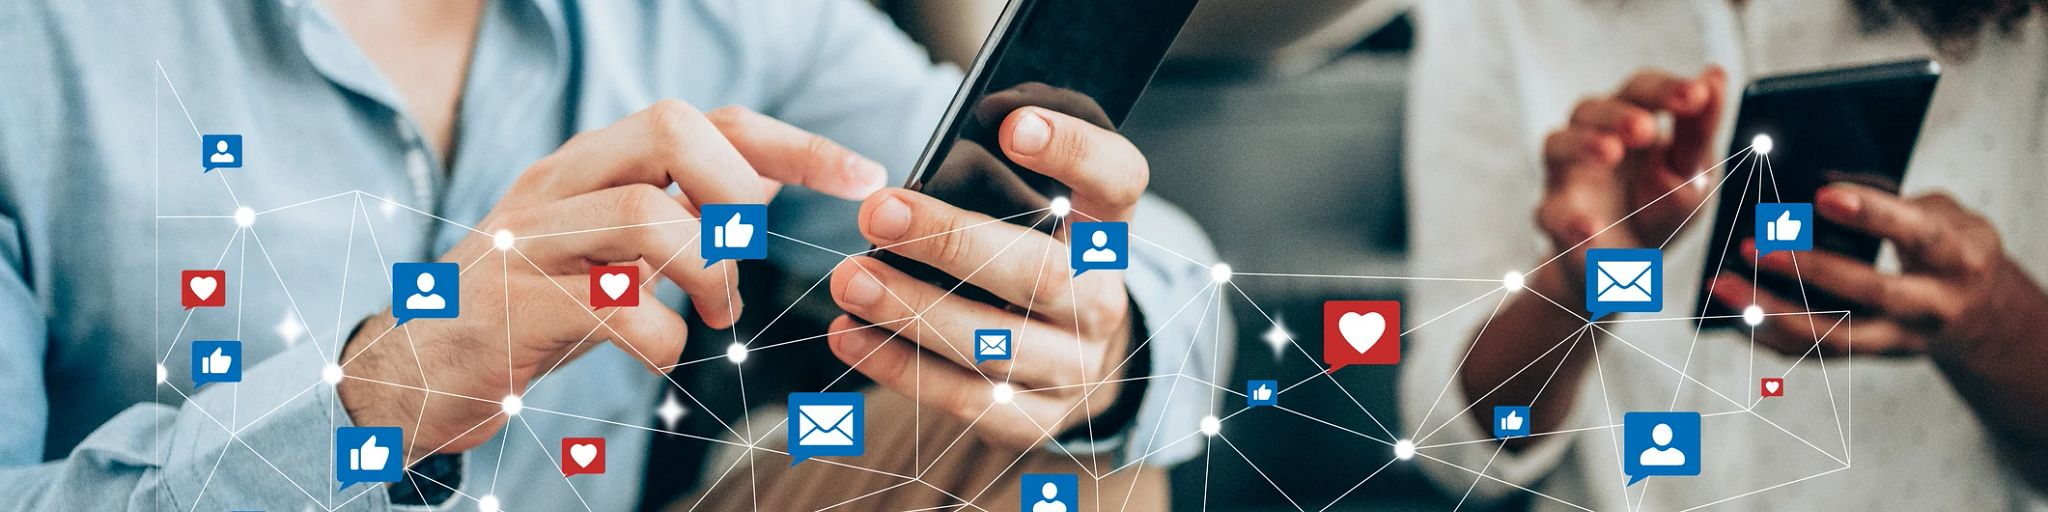 contact social media sharing email 2021